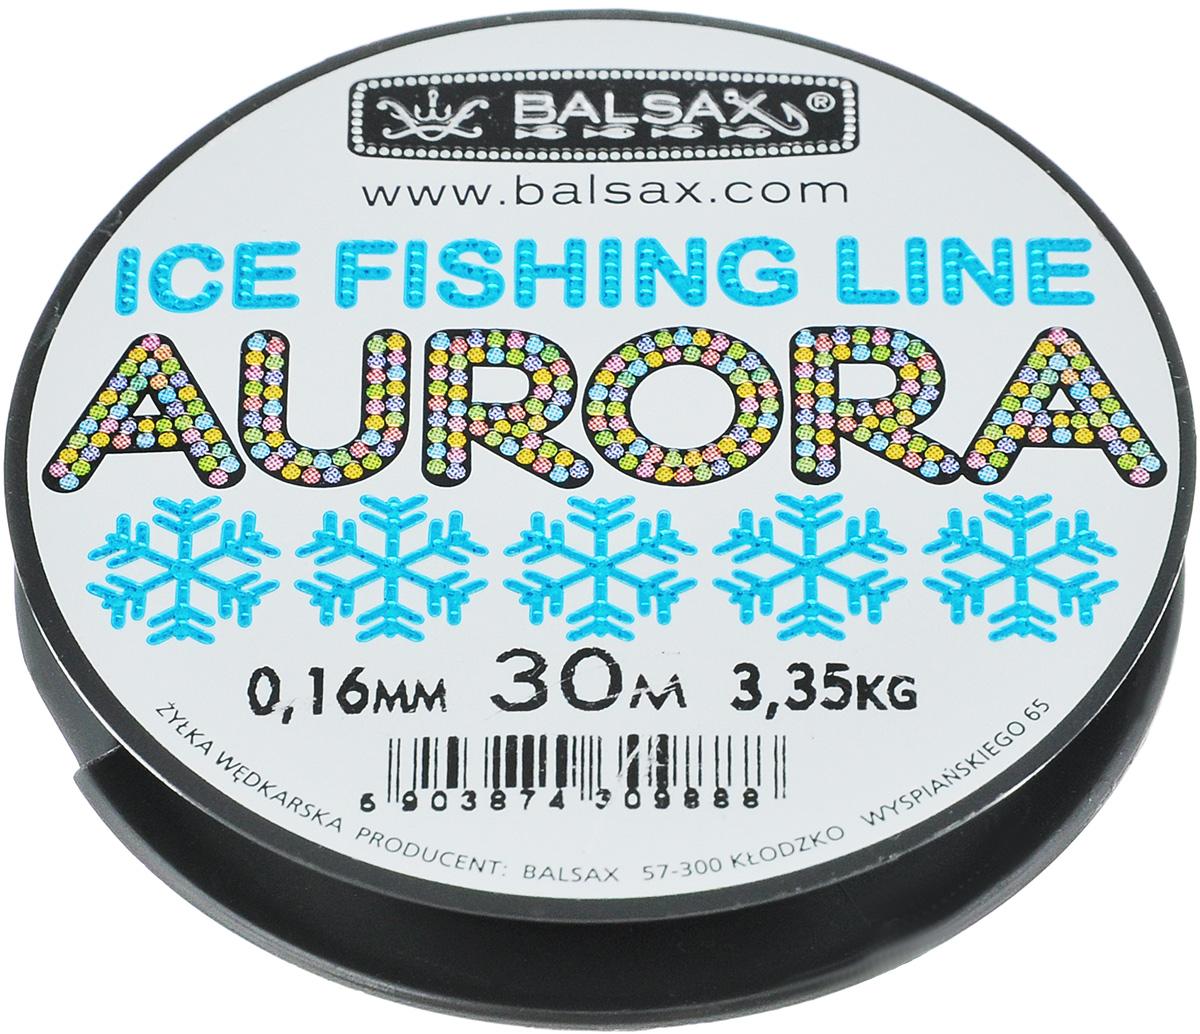 Леска зимняя Balsax Aurora, 30 м, 0,16 мм, 3,35 кг310-04016Леска зимняя Balsax Aurora изготовлена из 100% нейлона и очень хорошо выдерживает низкие температуры. Поверхность лески обработана таким образом, что она не обмерзает и отлично подходит для подледного лова. Прочна в местах вязки узлов даже при минимальном диаметре.